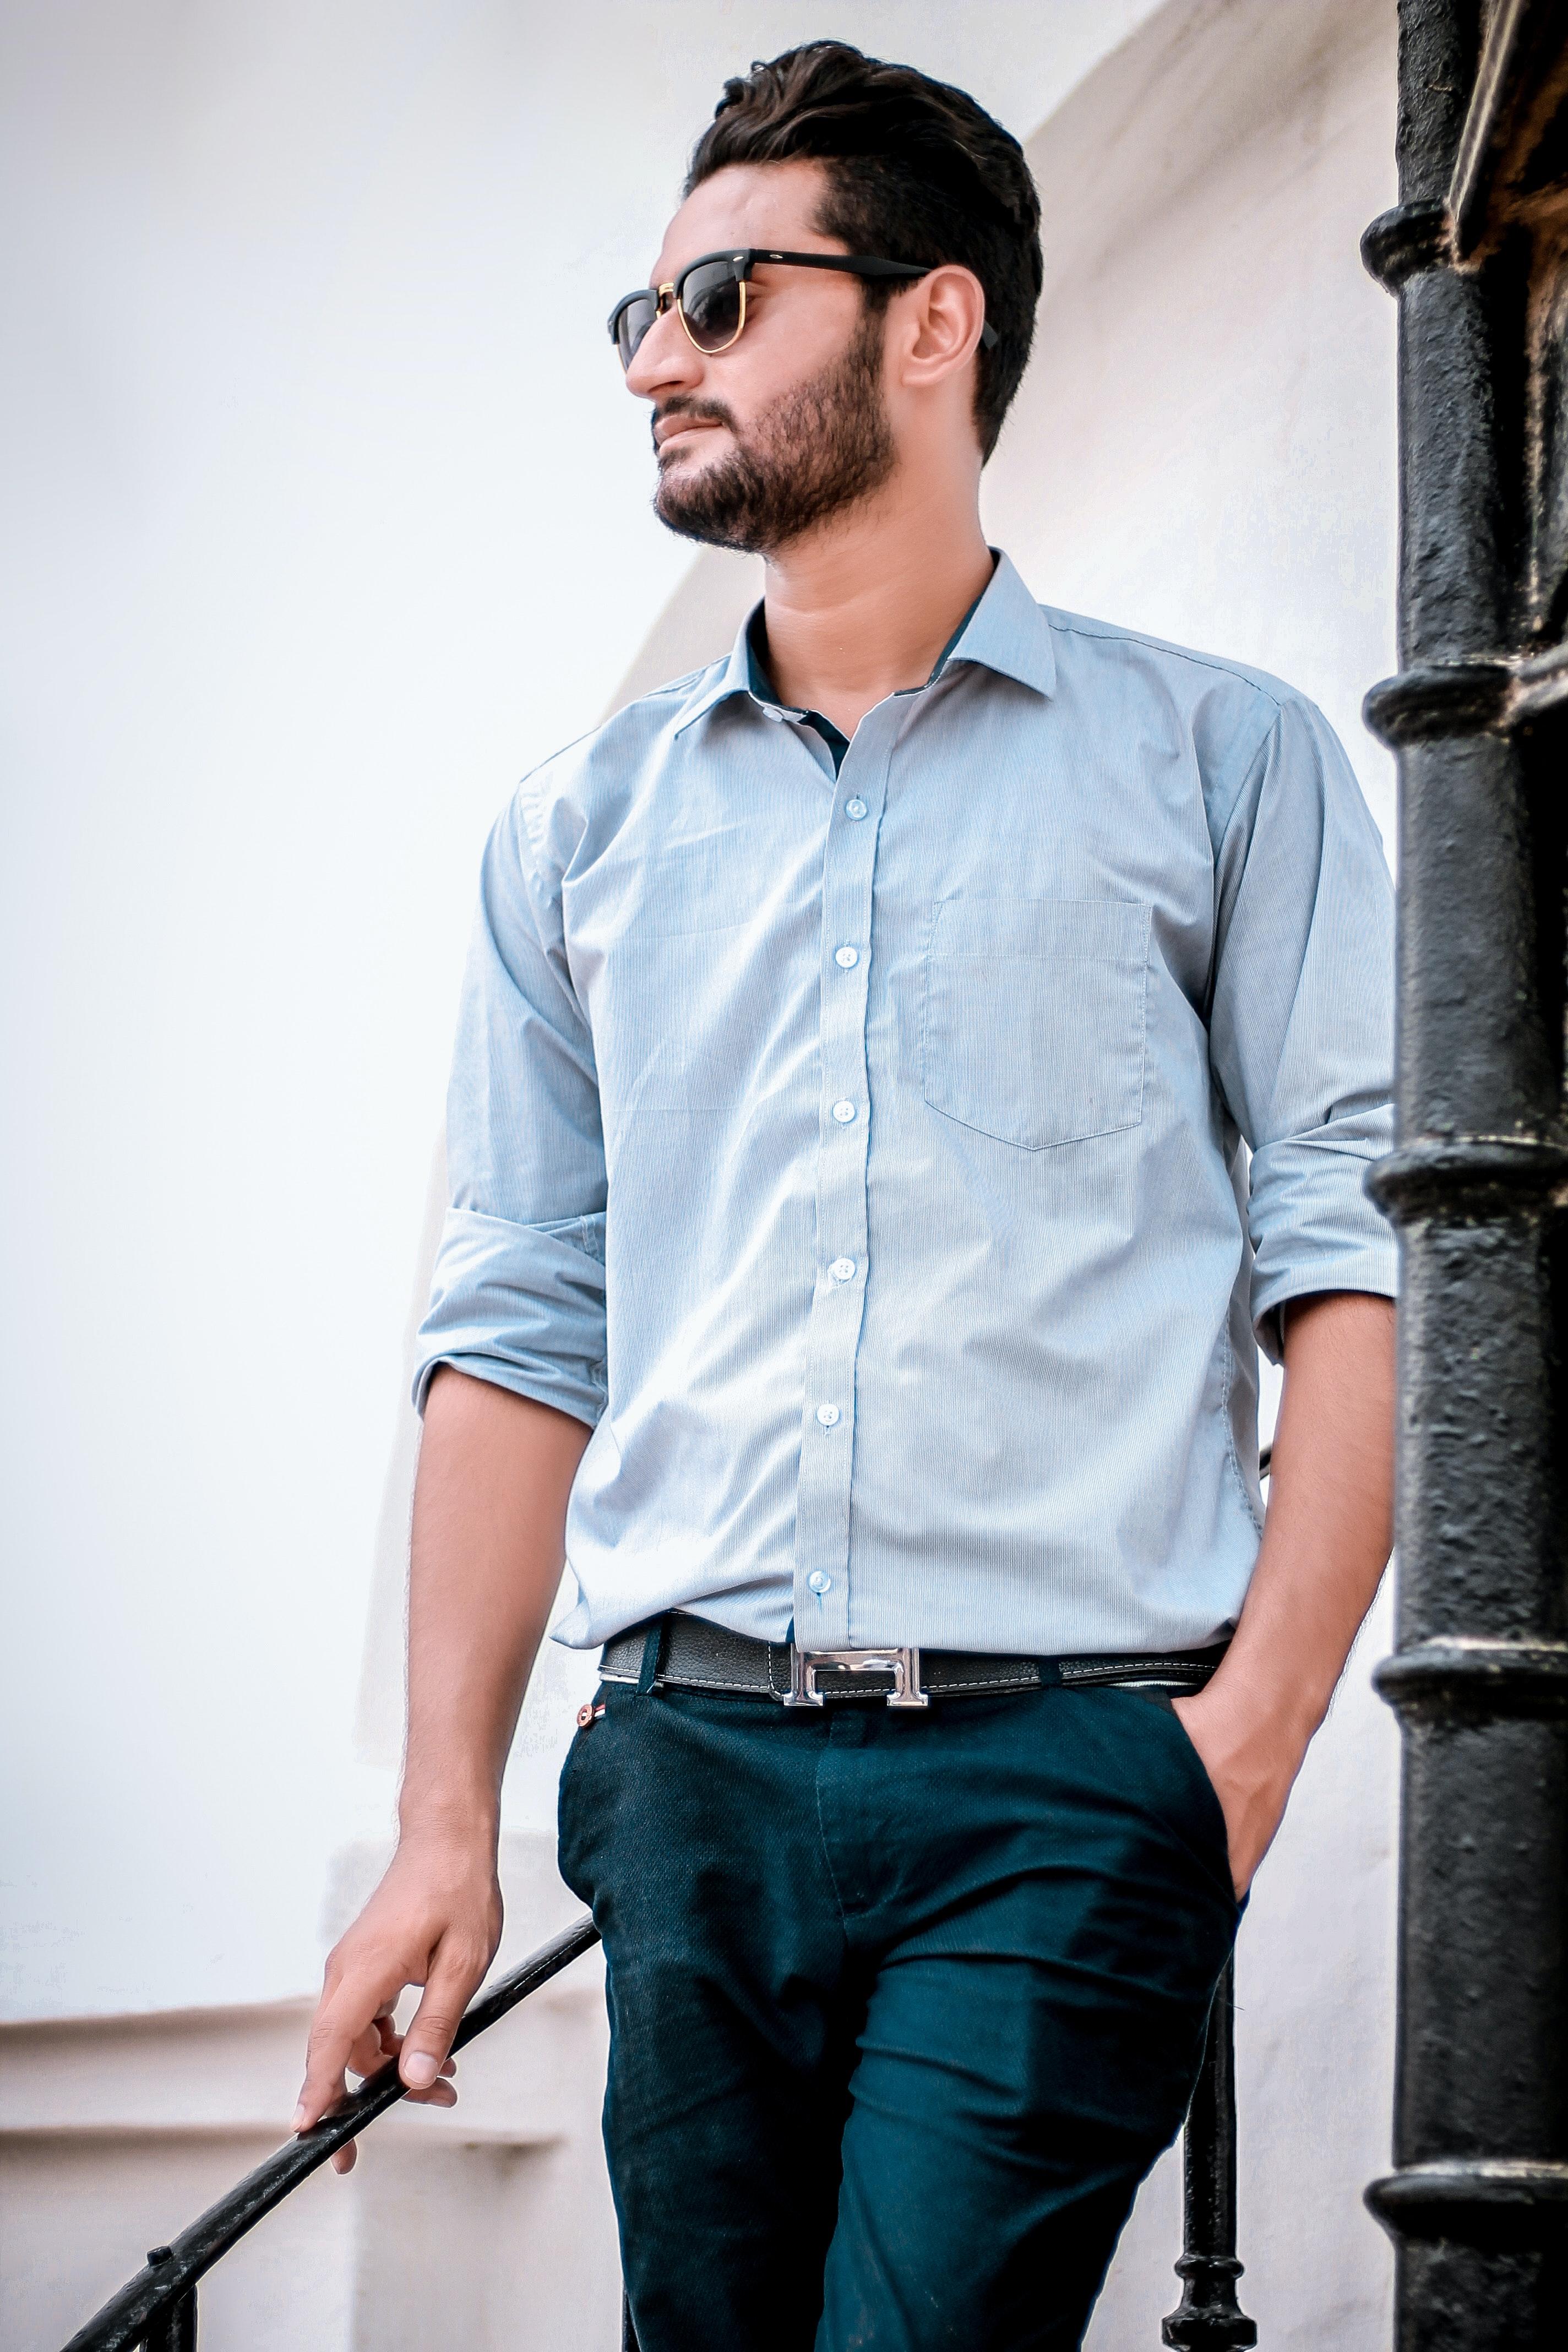 1000+ Great Mens Fashion Photos · Pexels · Free Stock Photos